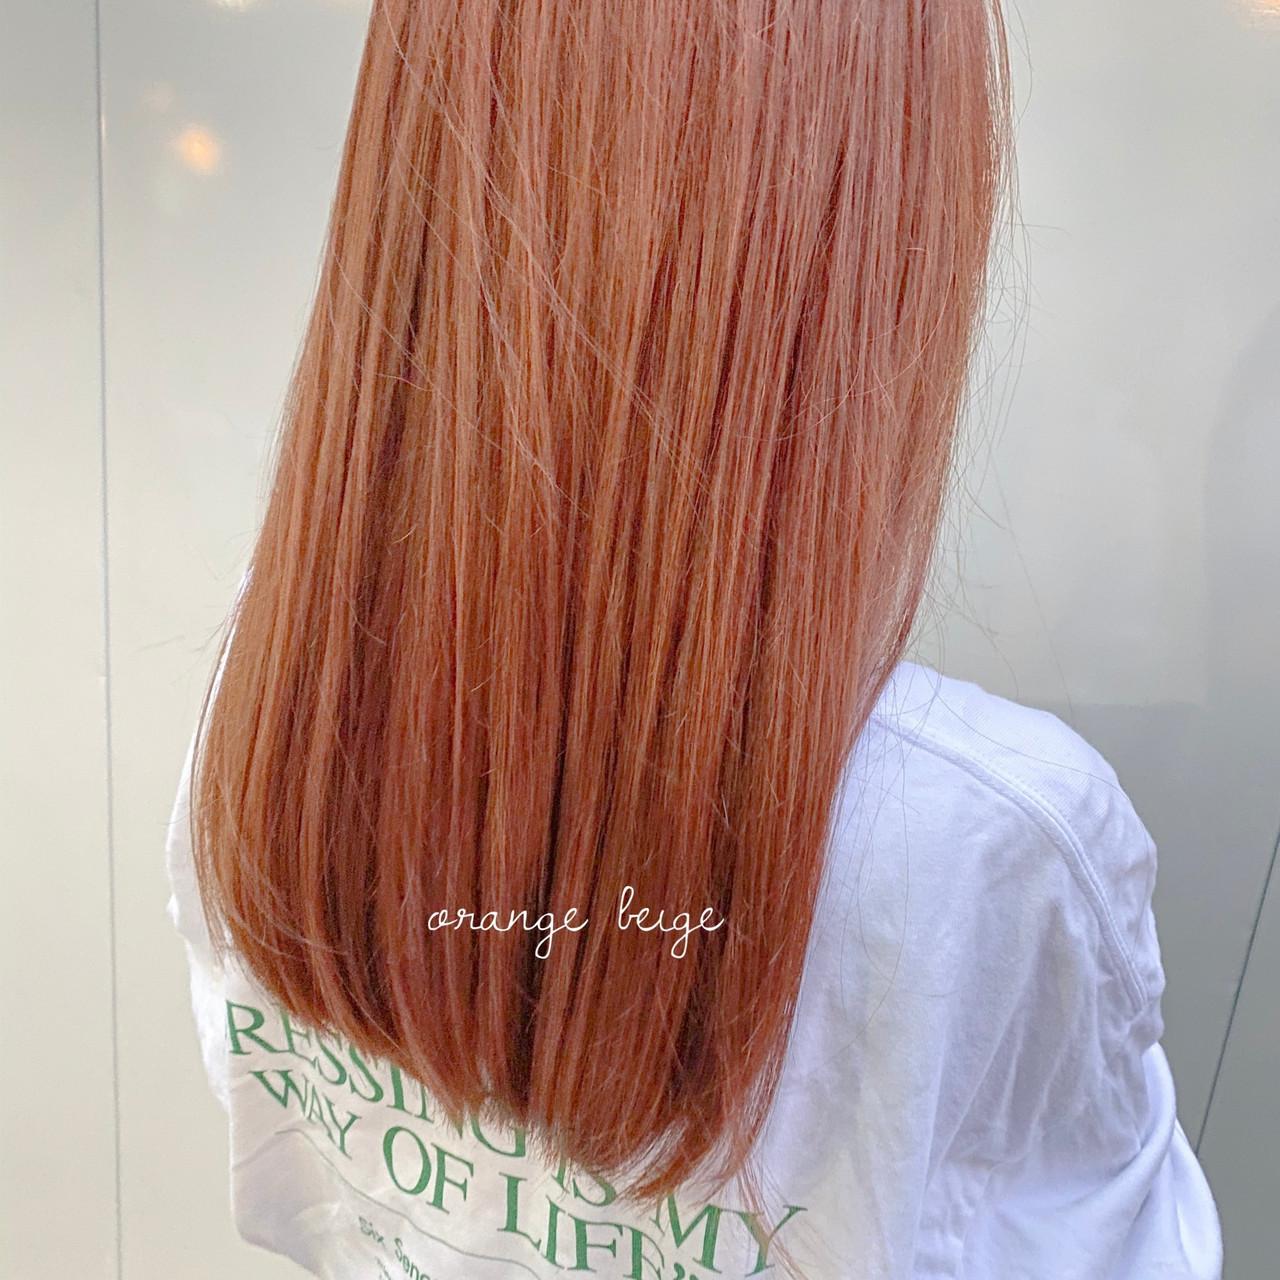 セミロング アプリコットオレンジ ブラウンベージュ インナーカラーオレンジ ヘアスタイルや髪型の写真・画像